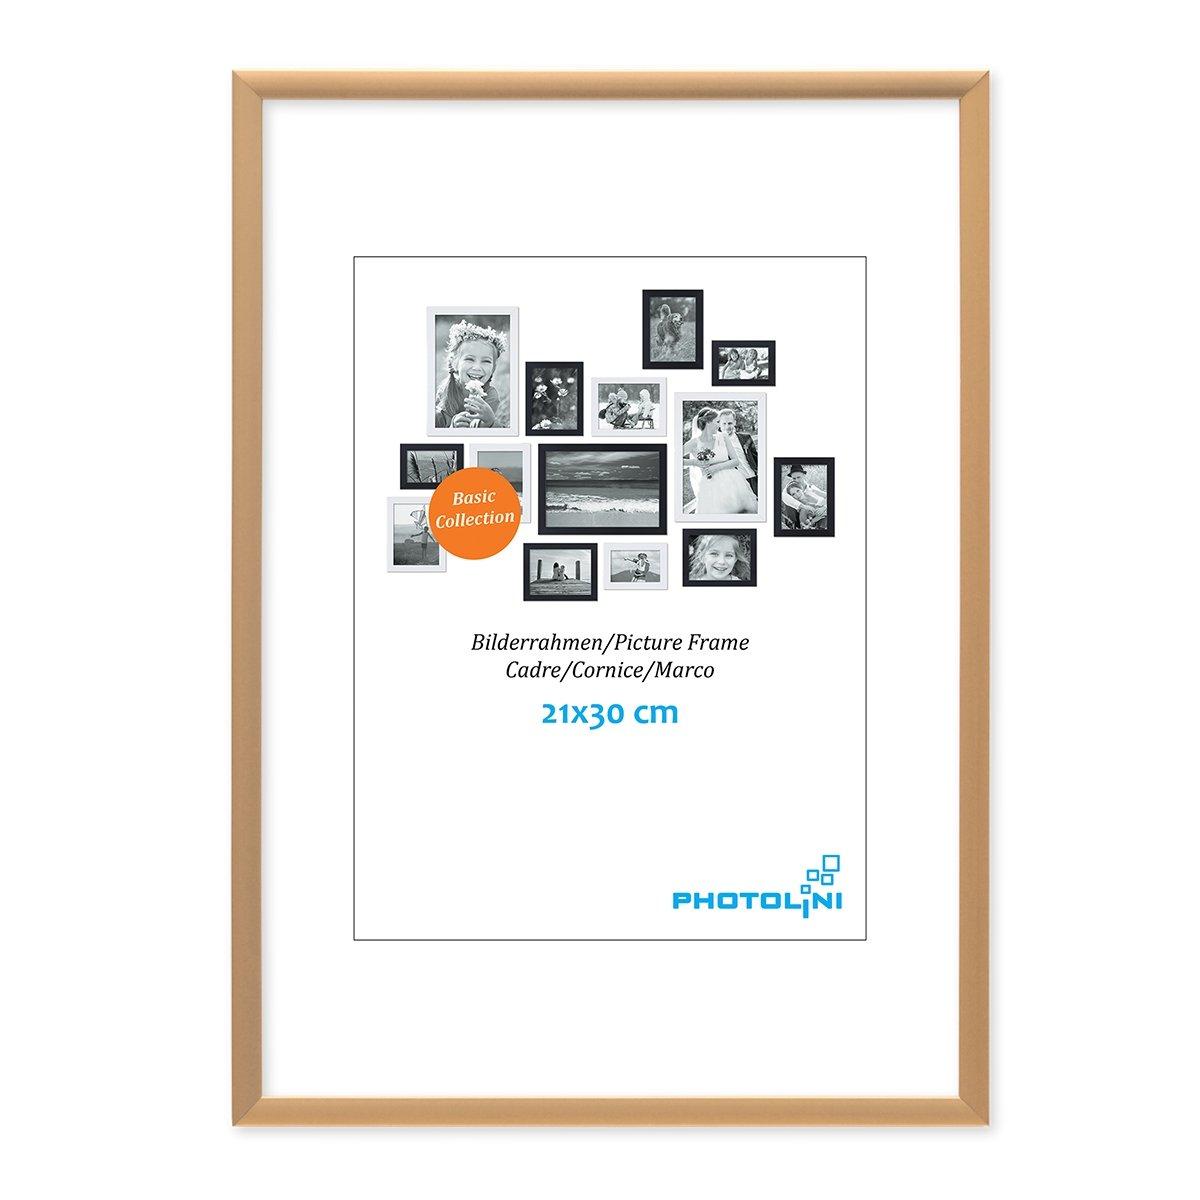 Fantastisch Bilderrahmenplan Auf Wand Fotos - Rahmen Ideen ...